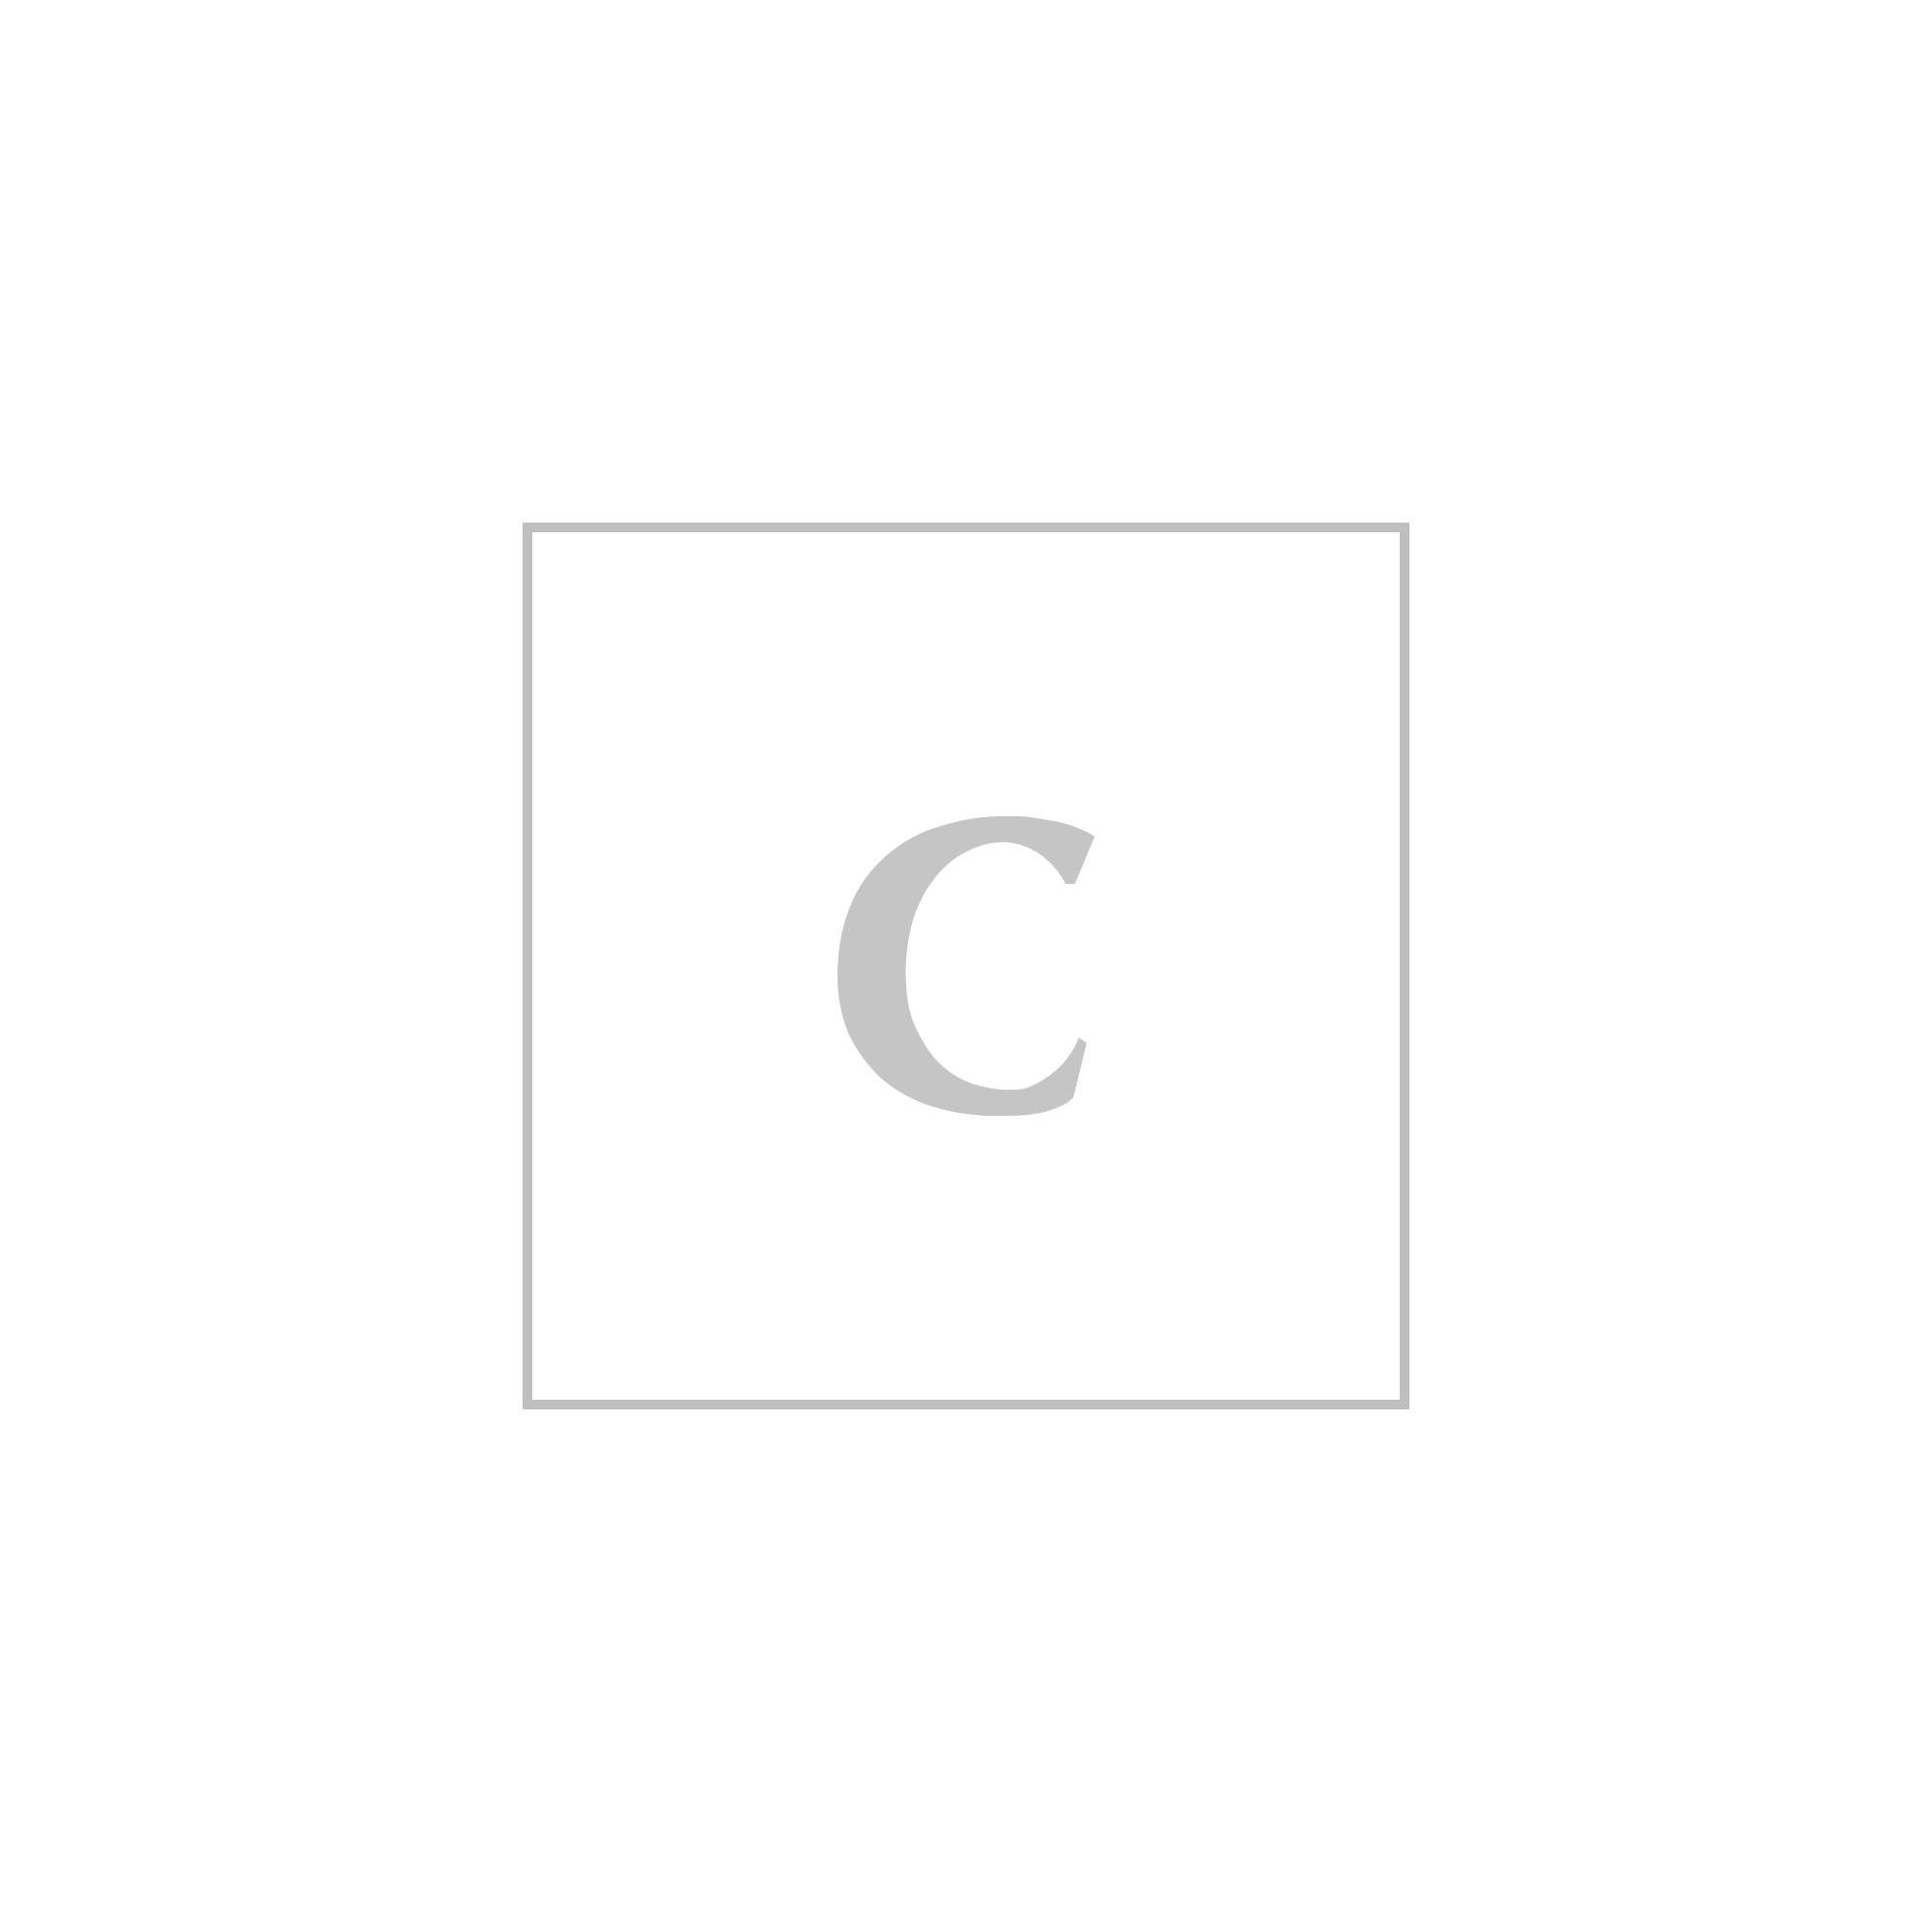 Dolce & gabbana sicily nylon bask pouch